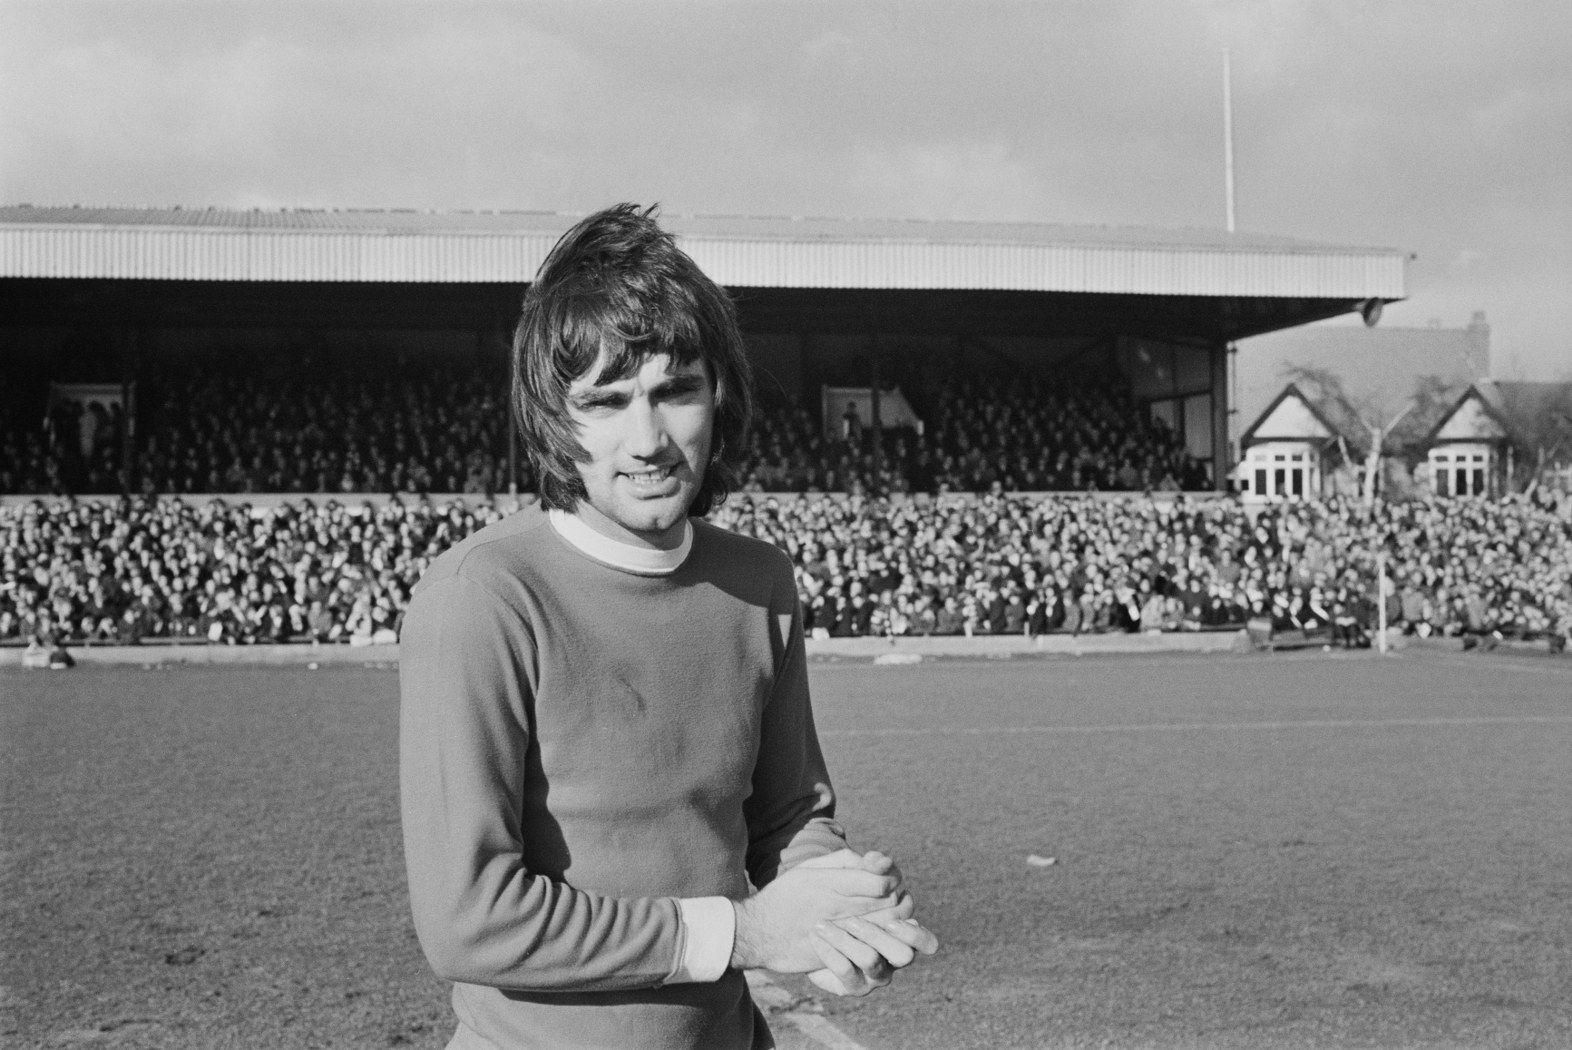 """Джордж Бест - може би най-емблематичният футболист в историята на Манчестър Юнайтед. Култовата фигура, която е атрактивна колко на терена, толкова и извън него. Изигра 361 мача за """"червените дяволи"""", в които вкара 137 гола."""